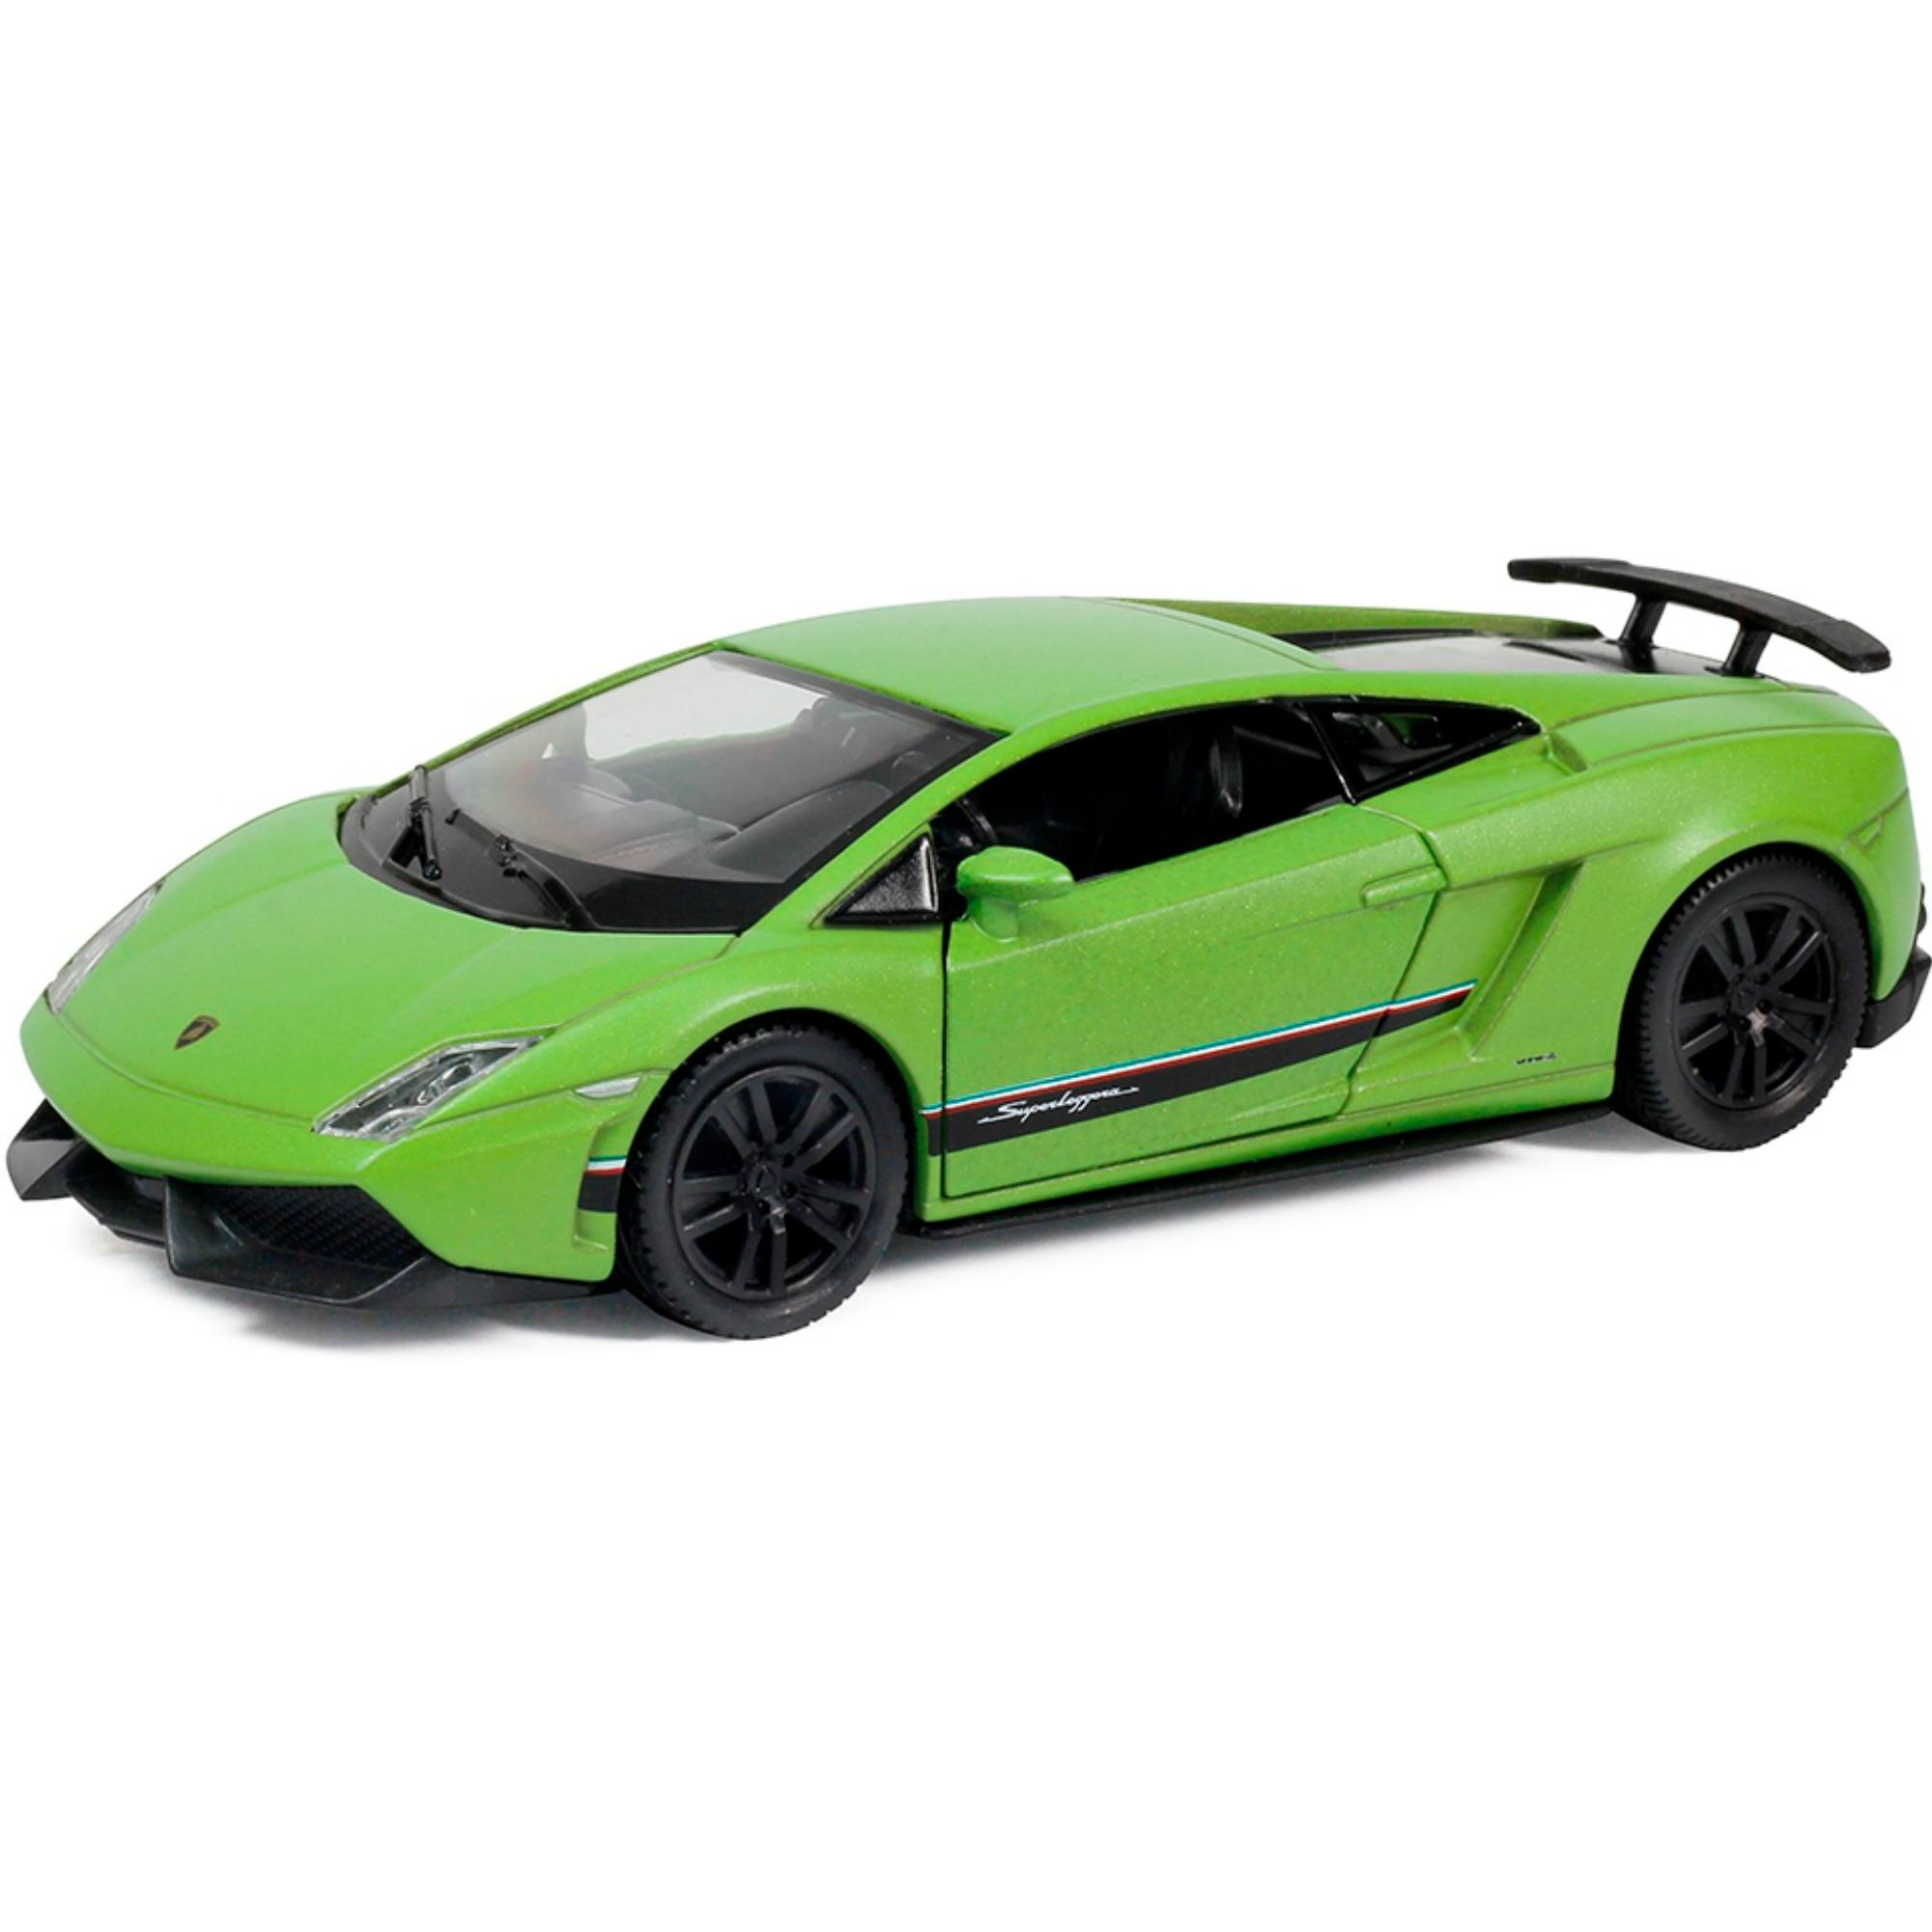 Металлическая инерционная машина RMZ City - Lamborghini Gallardo Superleggera, 1:32, зеленый матовыйLamborghini<br>Металлическая инерционная машина RMZ City - Lamborghini Gallardo Superleggera, 1:32, зеленый матовый<br>